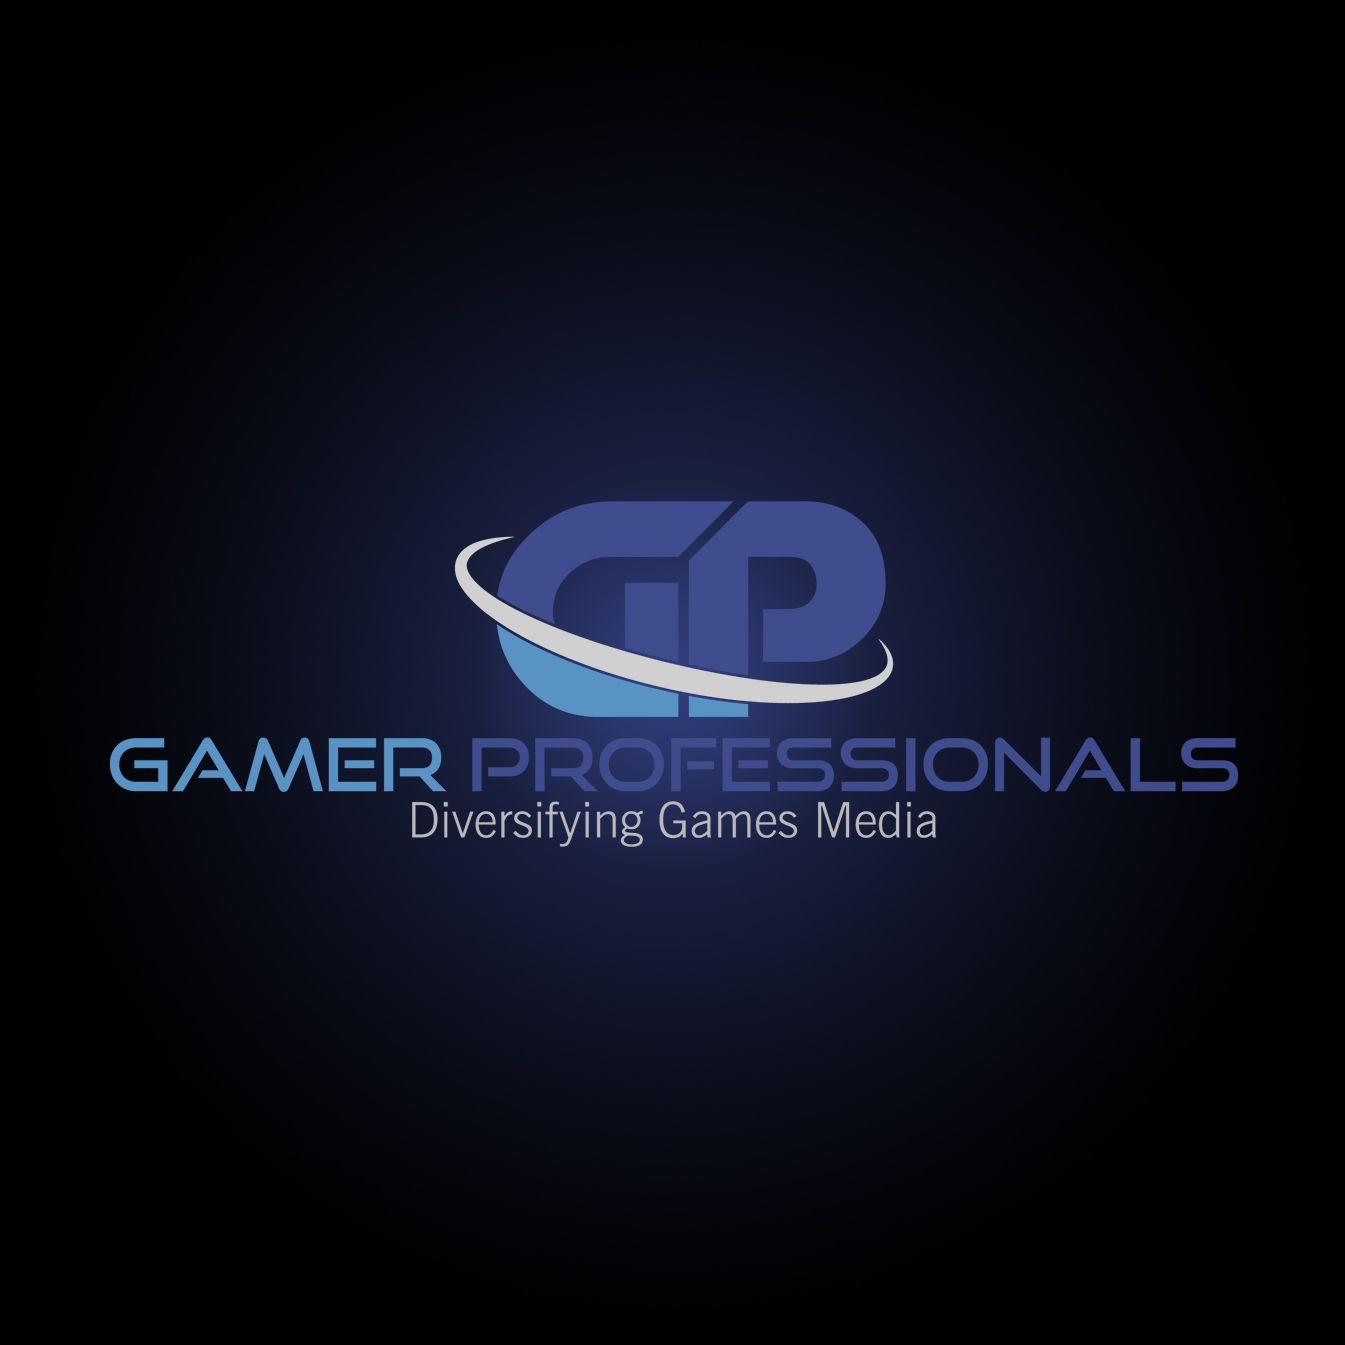 Episode 52: Nintendo Direct, Black Ops IIII, Valve is Making Games